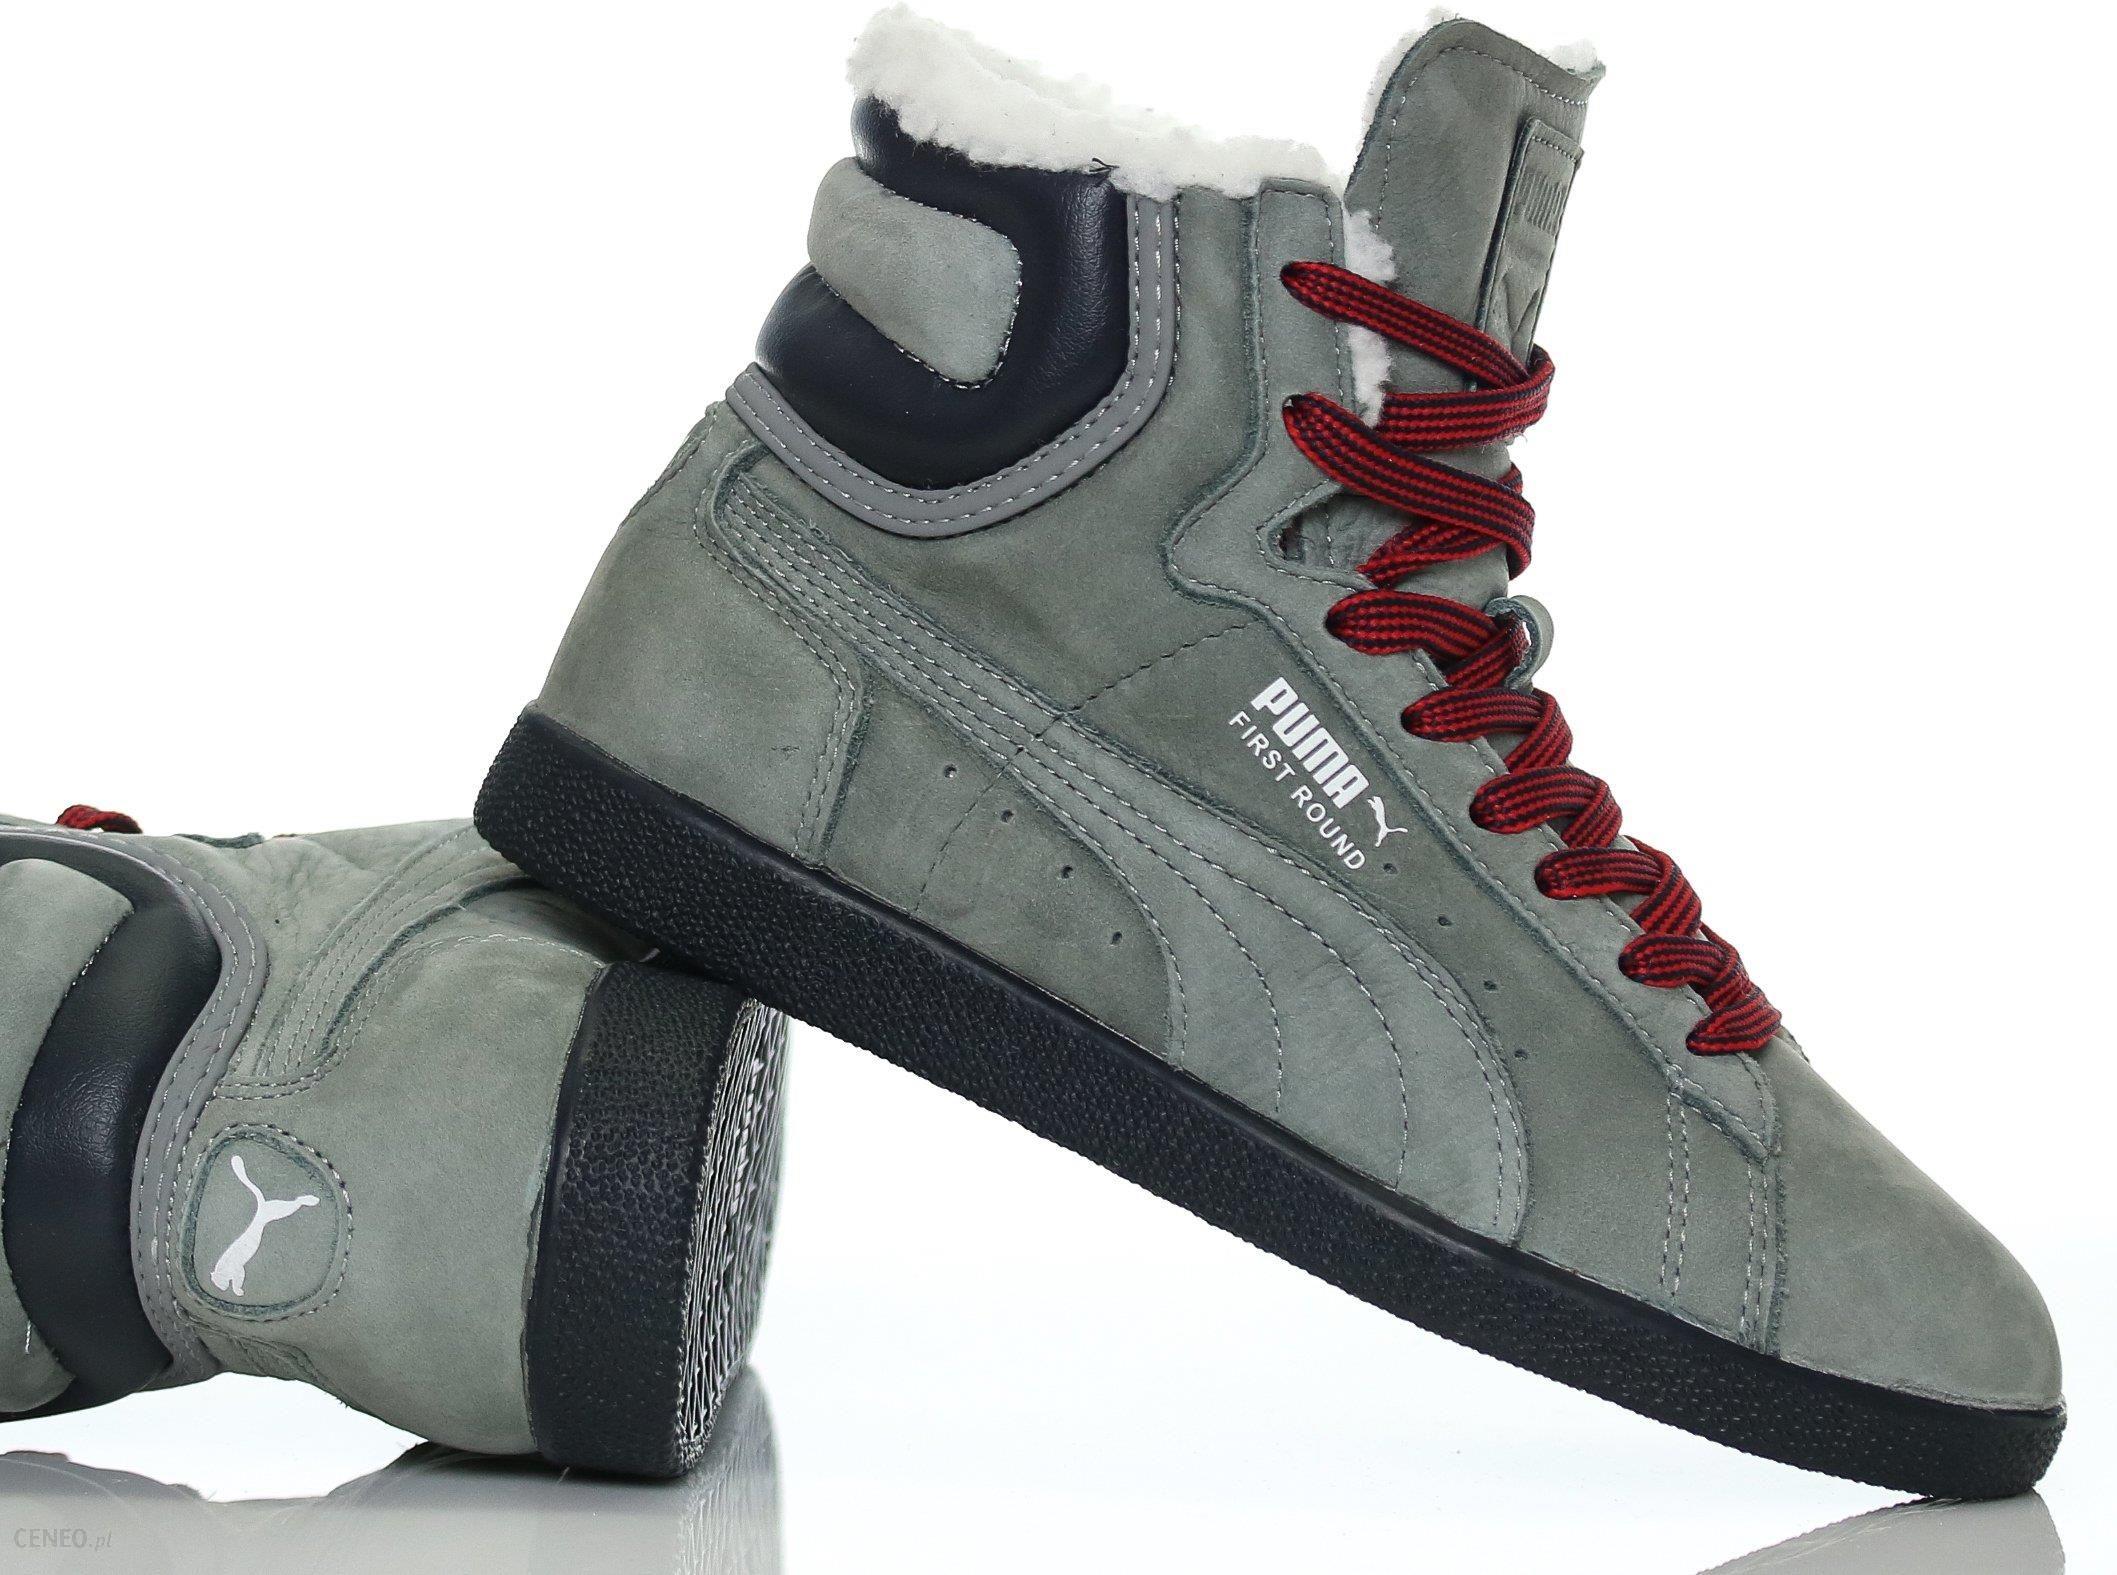 حمال عشيقة أرشيف Buty Zimowe Nike Damskie Allegro Dsvdedommel Com